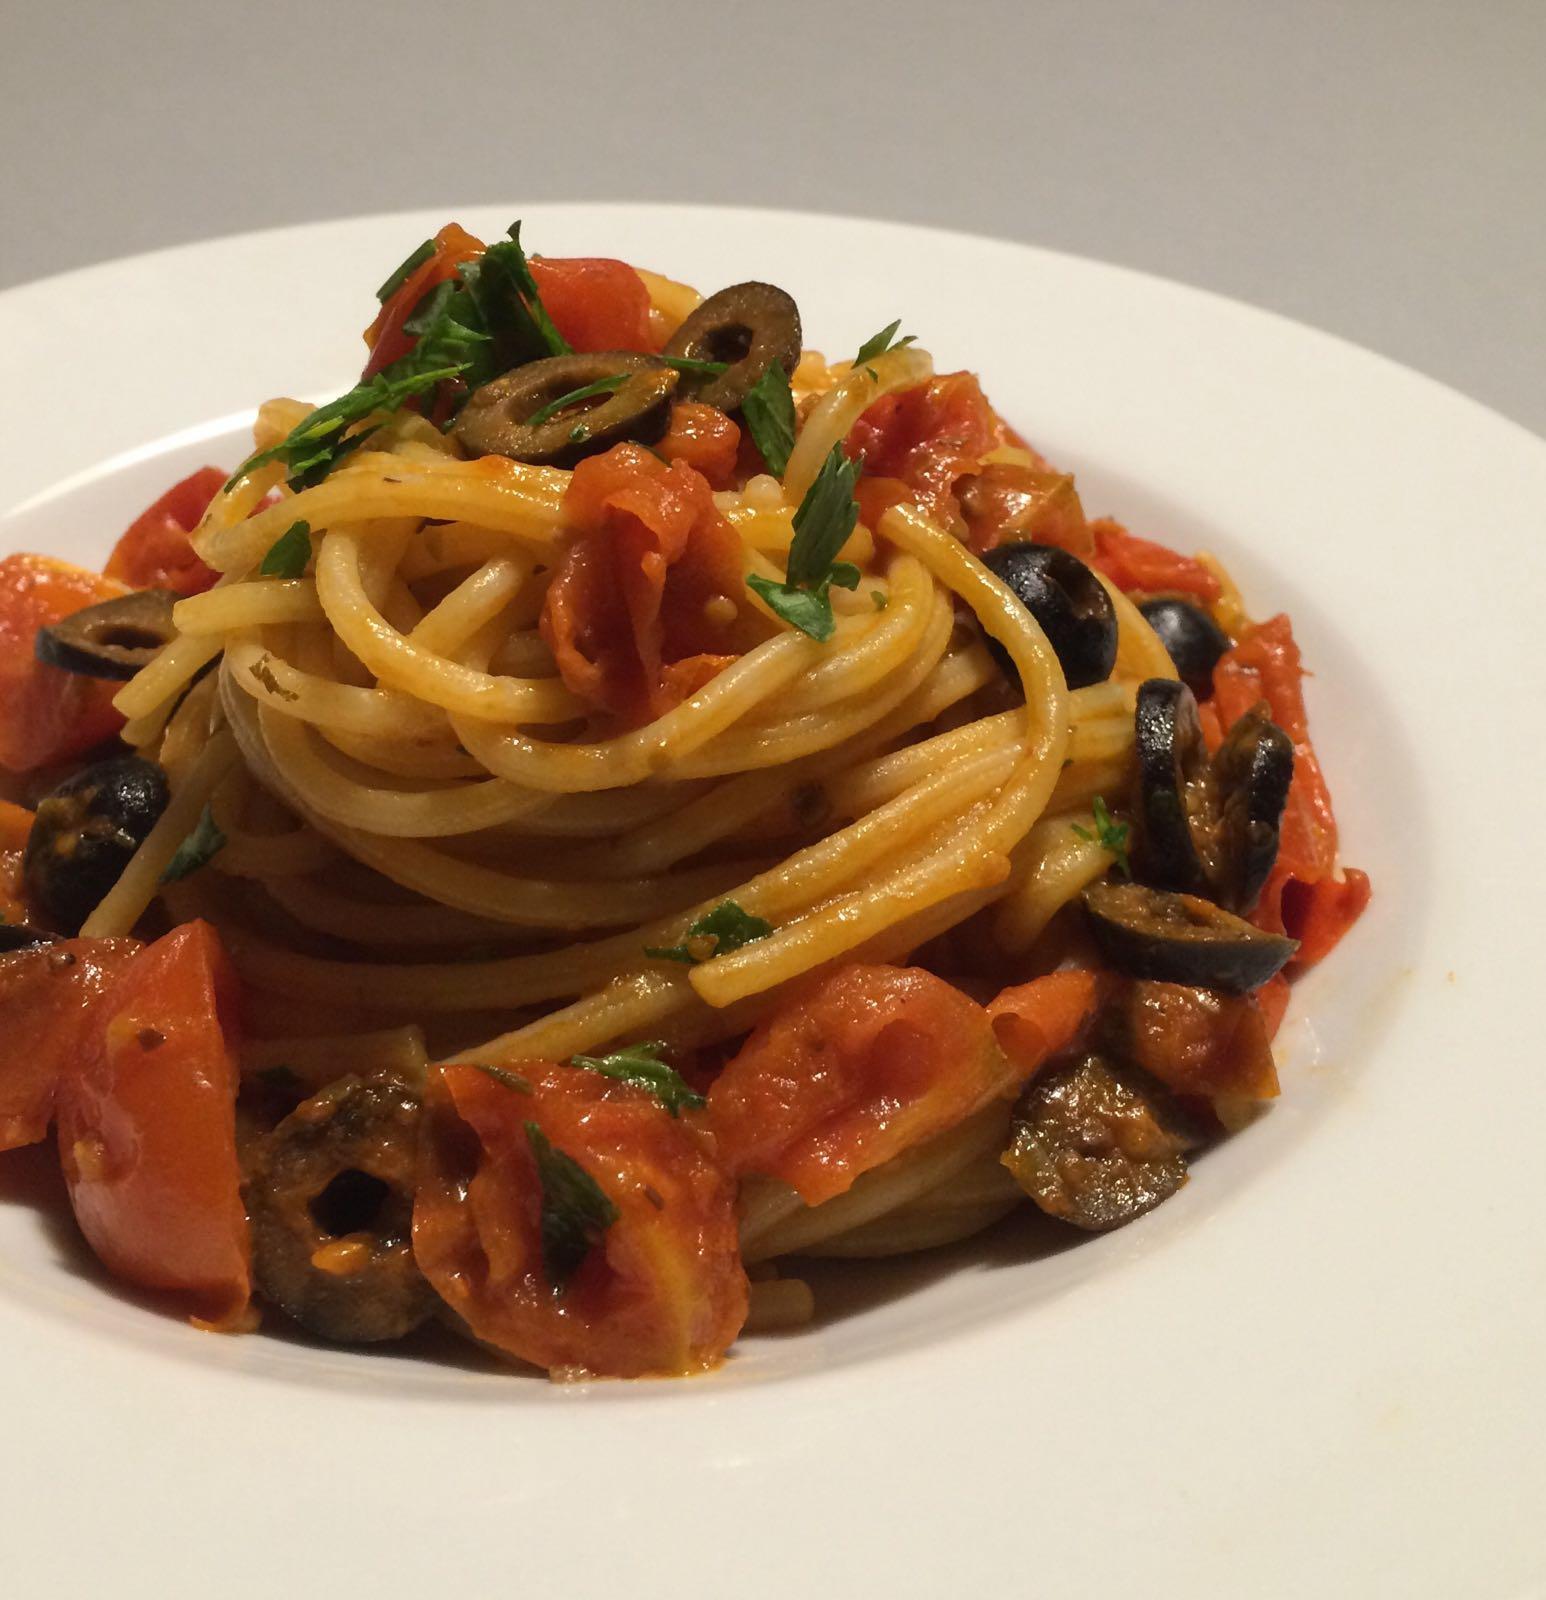 STASERA ESCORT (** Gli Spaghetti alla Puttanesca **)